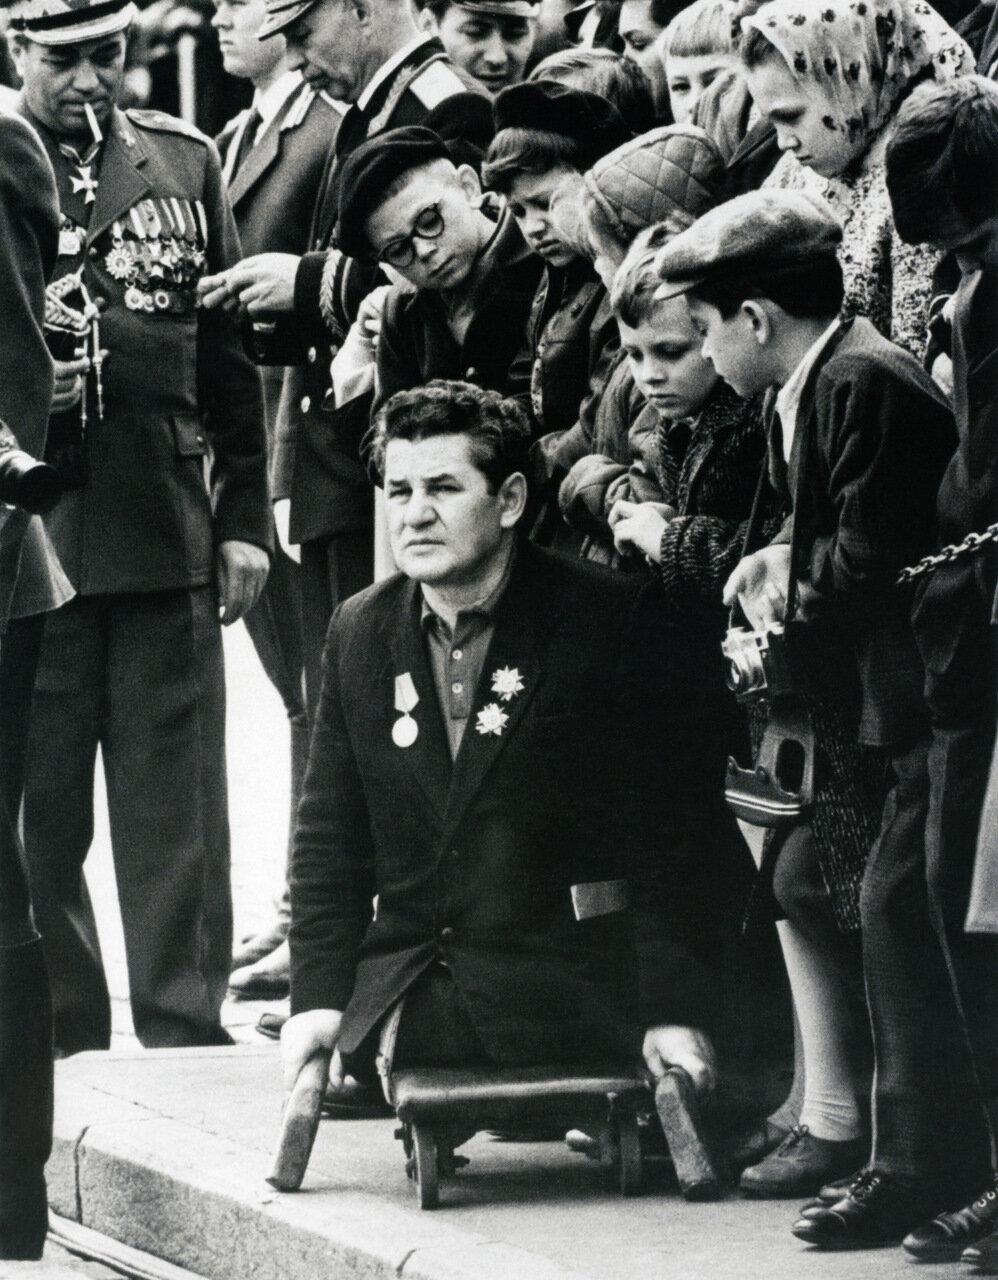 1970. Была война